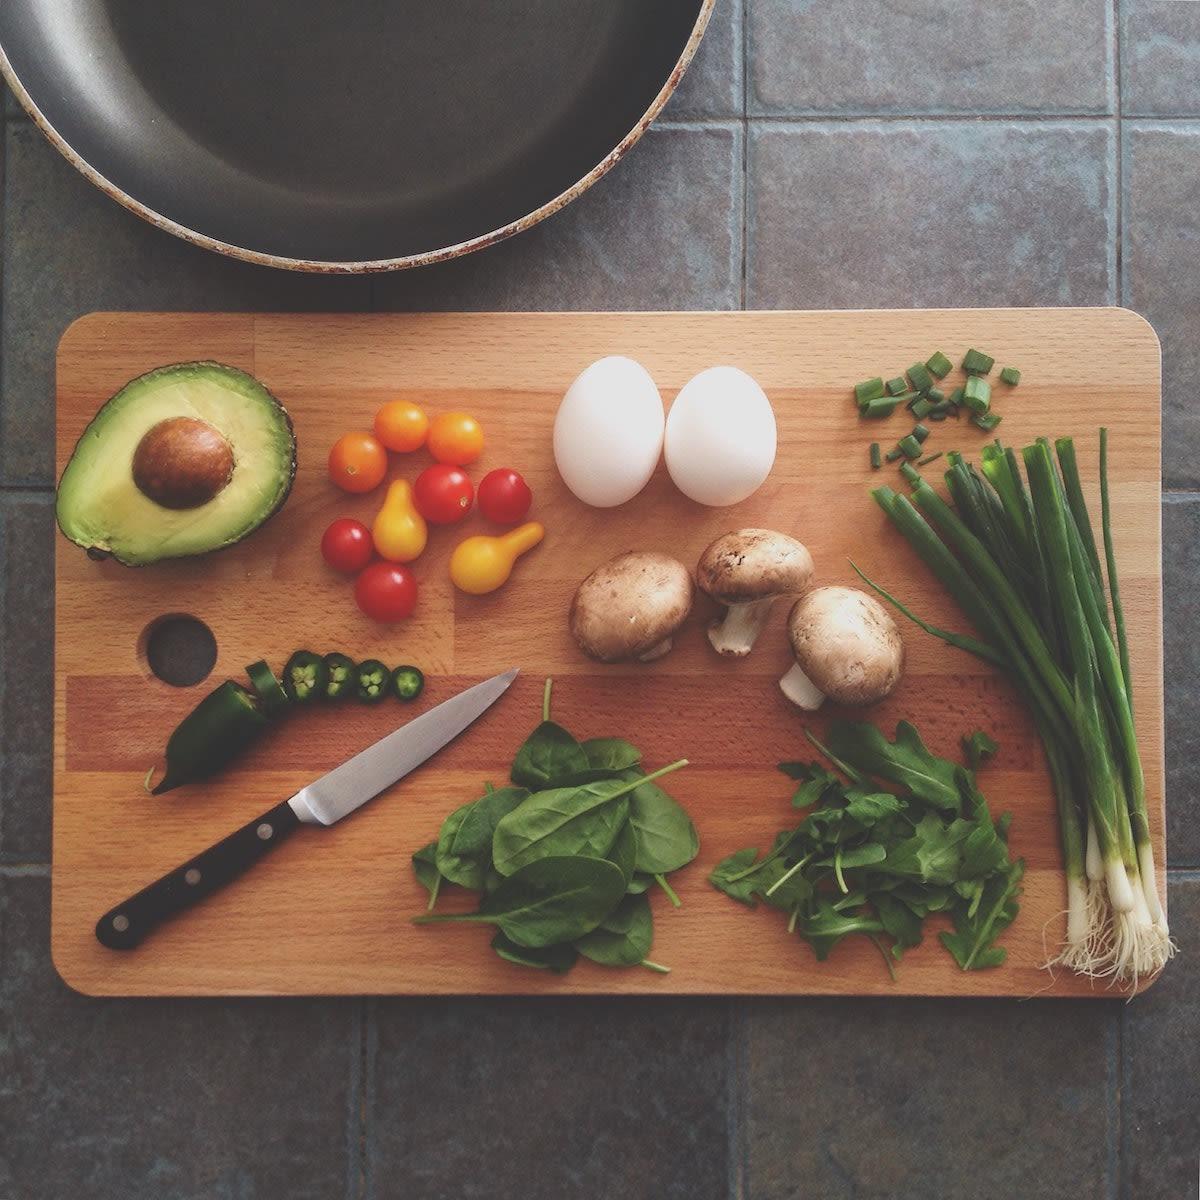 Gesundes Essen, Gemüse, Eier, Avocado, Pilze, Salat, Tomaten, Frühlingszwiebeln, Rezepte